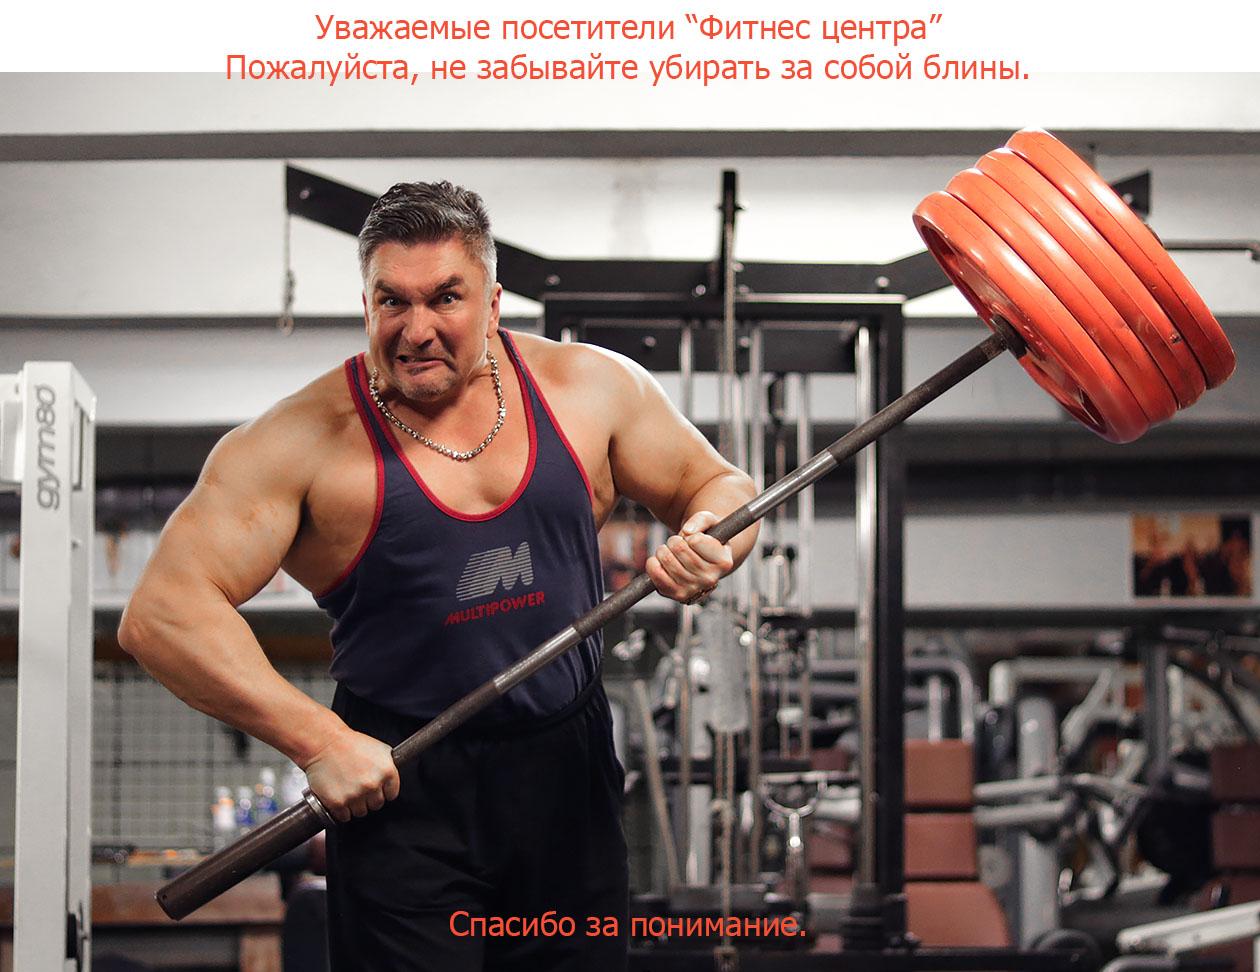 http://img.fitnes.lv/2/humour_bodybuilding_3894_45677.jpg